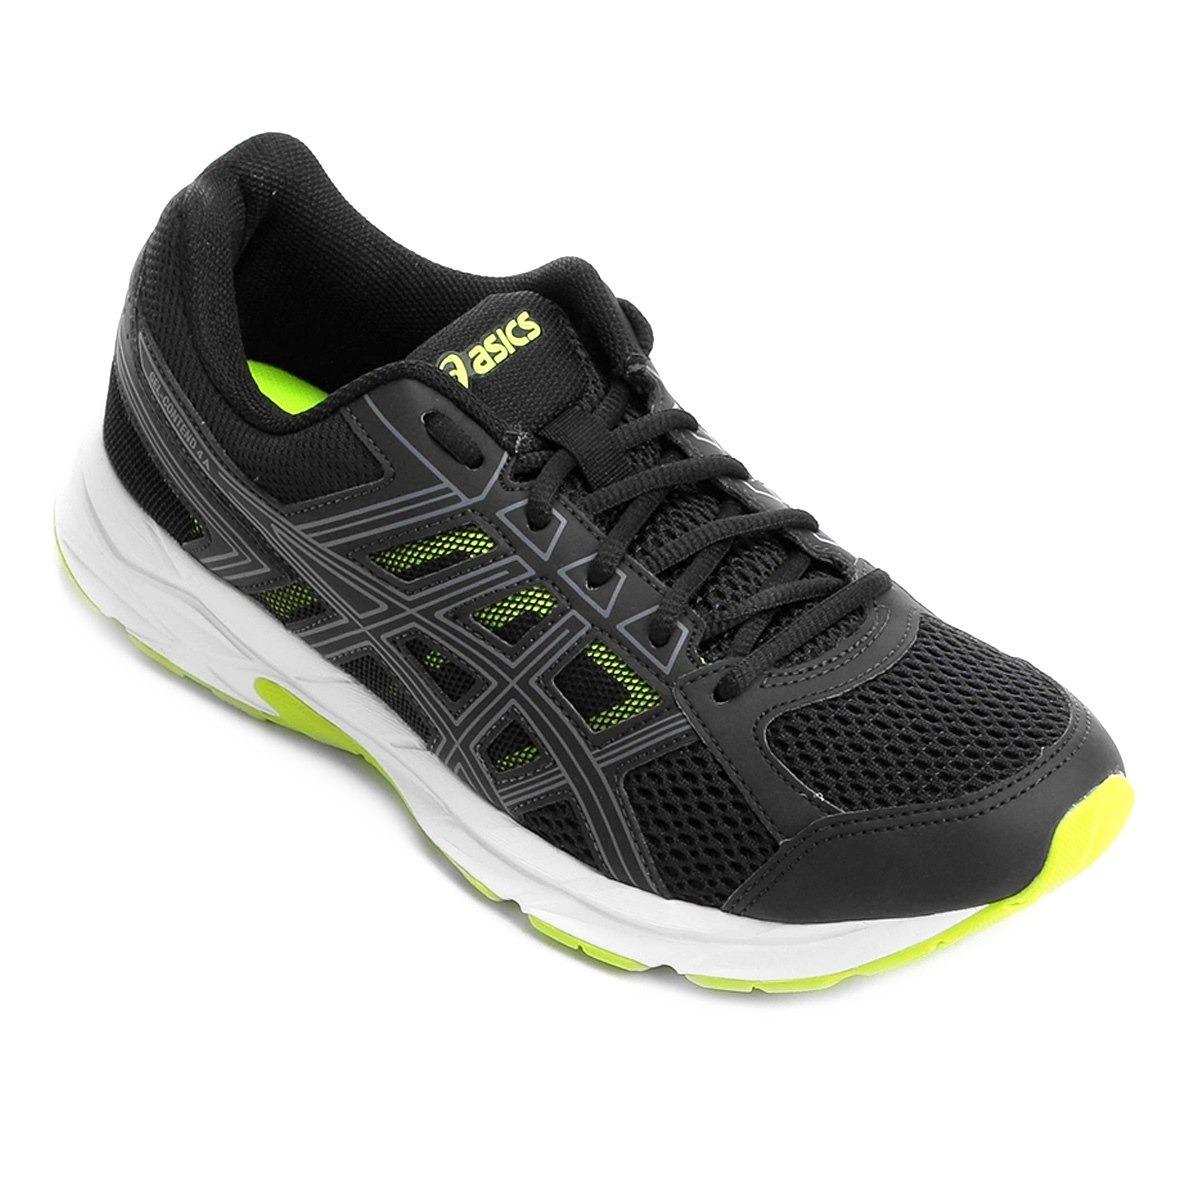 tênis asics gel contend 4 a - preto e verde - promoção. Carregando zoom. 8e5e91b75b6fe